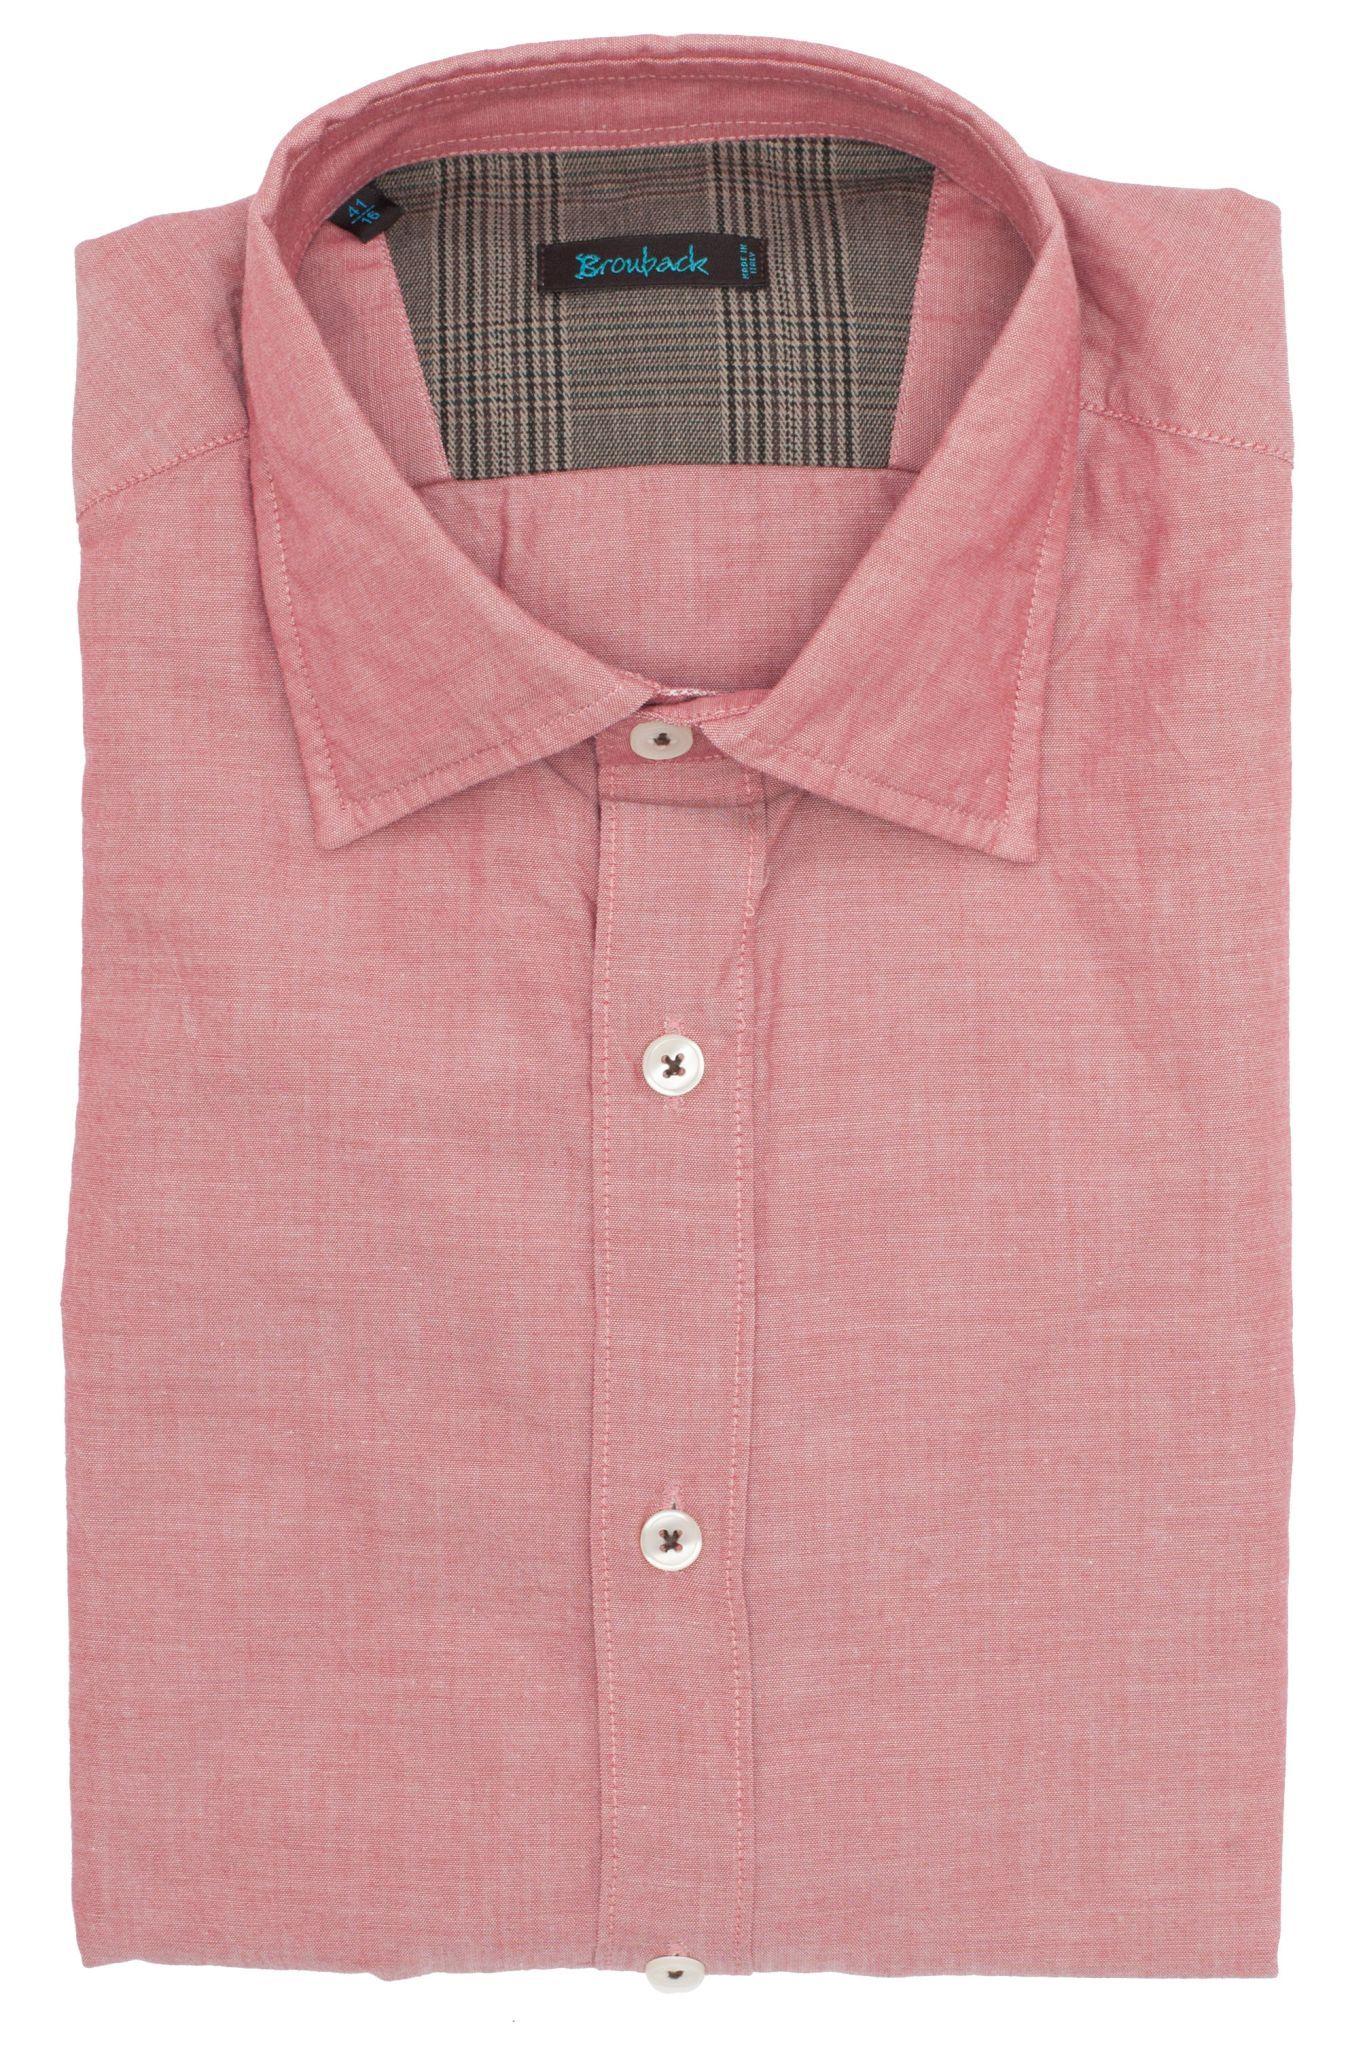 Тёмно-розовая рубашка с коричневой в клетку накладкой на локте